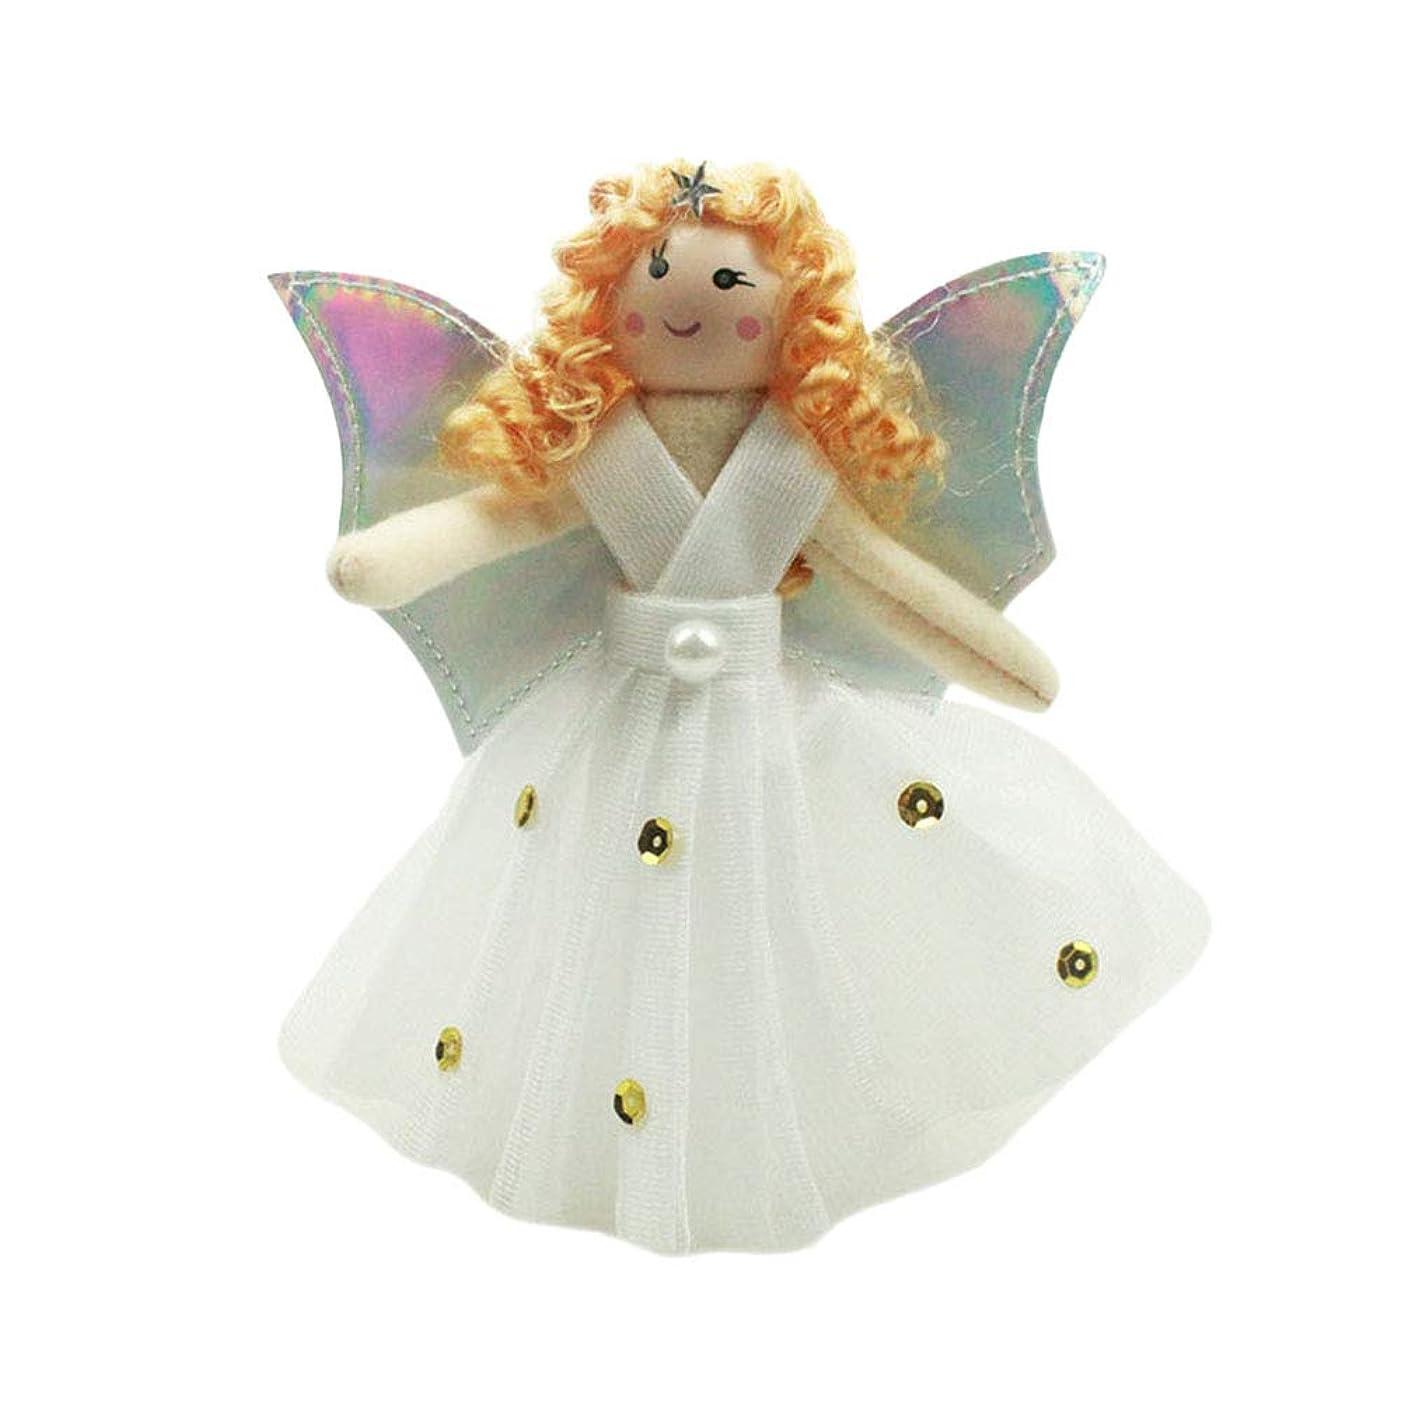 器官迫害達成可能TINKSKY クリスマスツリー トップ 天使 ぬいぐるみ トップスター クリスマス ツリー飾り 可愛い